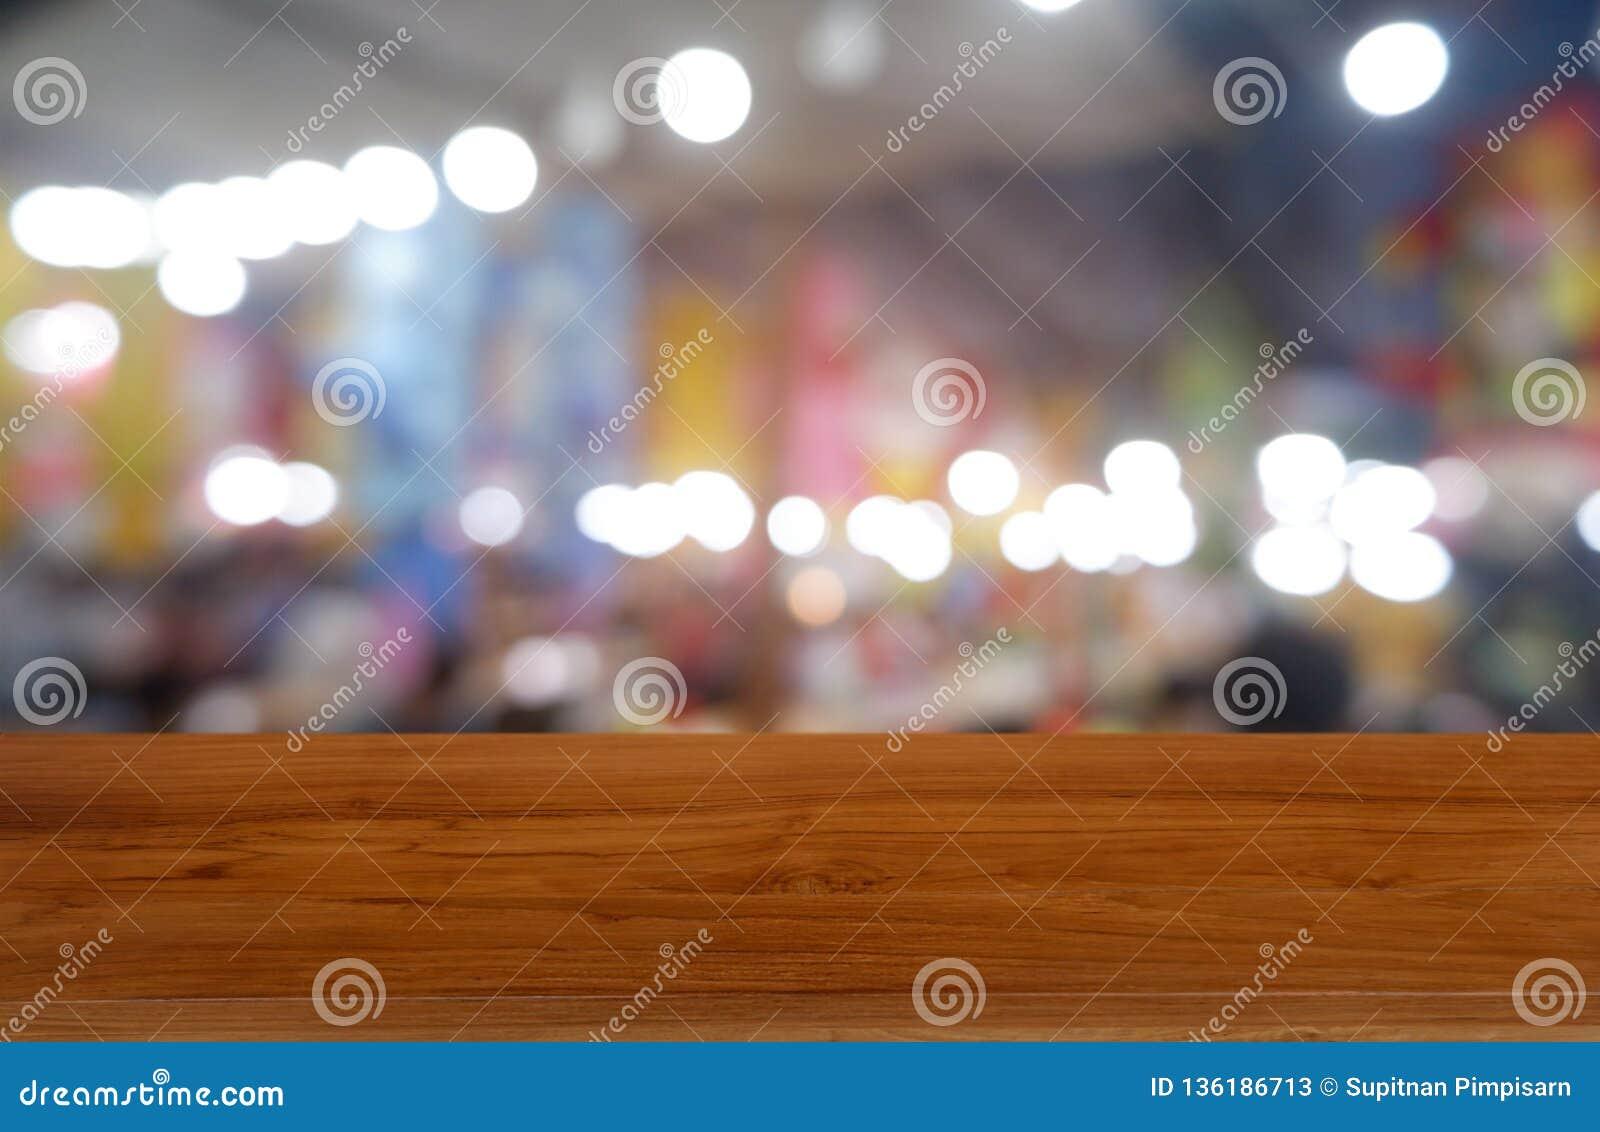 在摘要前面的空的黑暗的木桌弄脏了咖啡馆和咖啡店内部背景  能为显示使用或